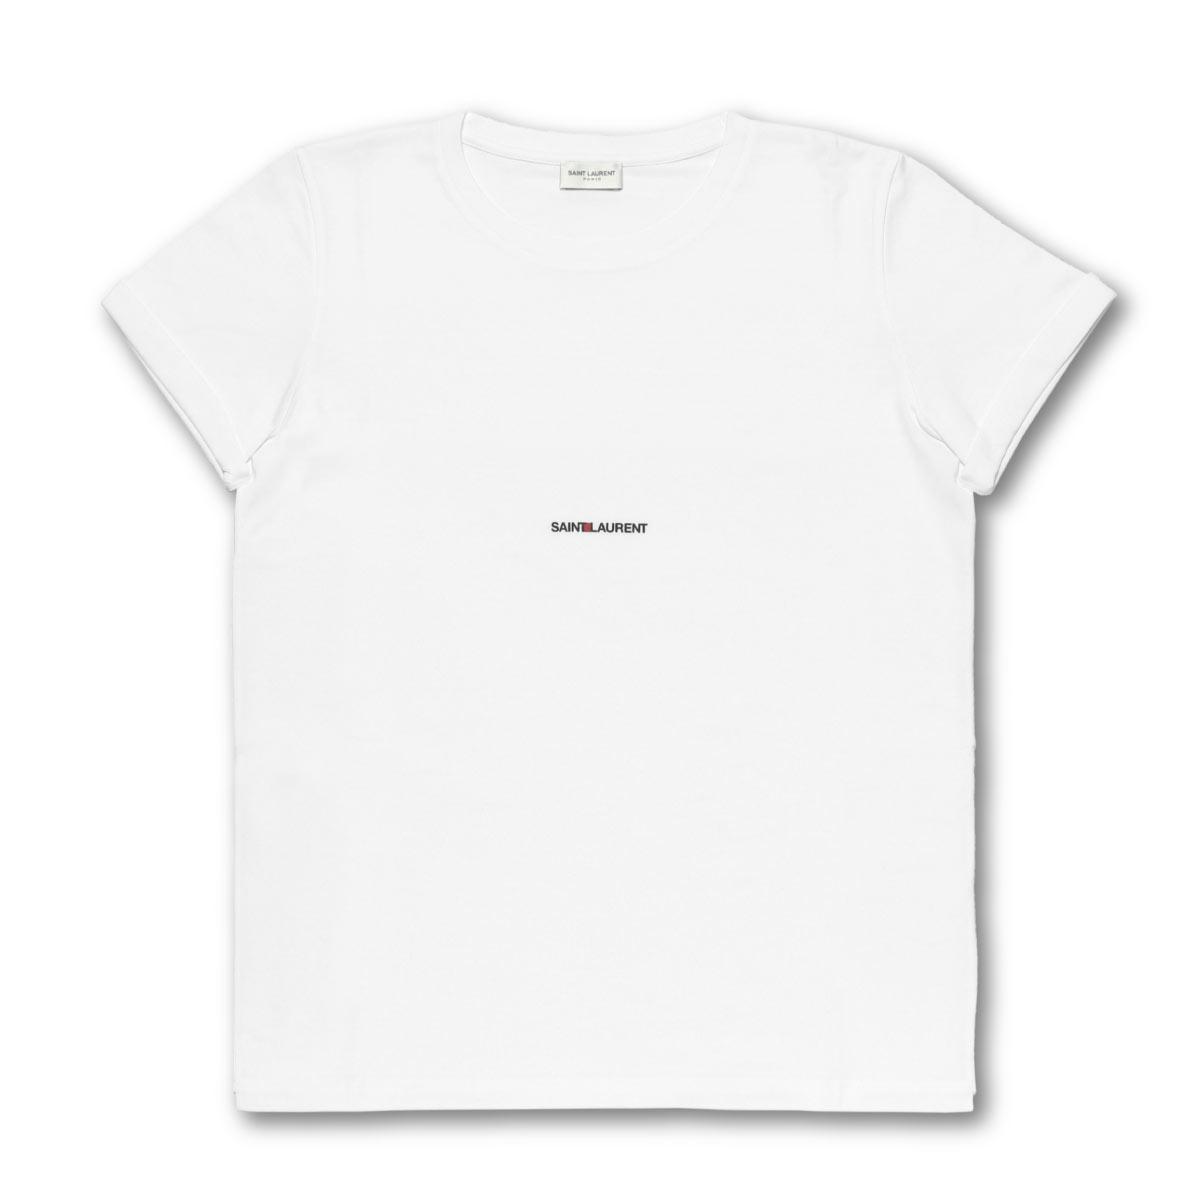 5115f5d9186112 464572 Saint-Laurent SAINT LAURENT T-shirt men YB2DQ 9000 short sleeves T-  ...